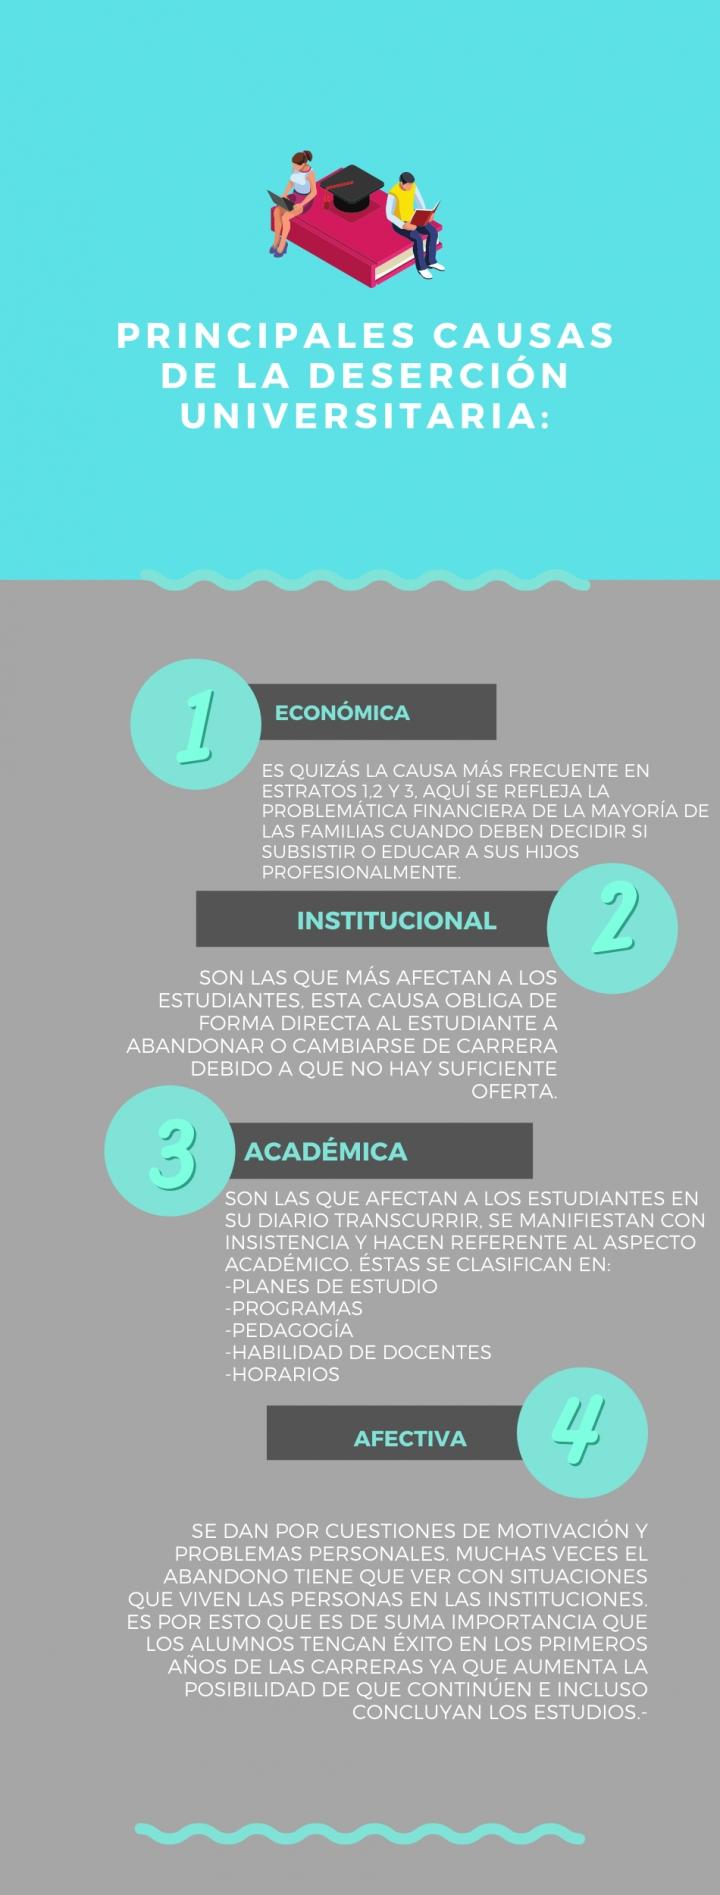 Infografía cuyo contenido procede del elanzuelomedios.com